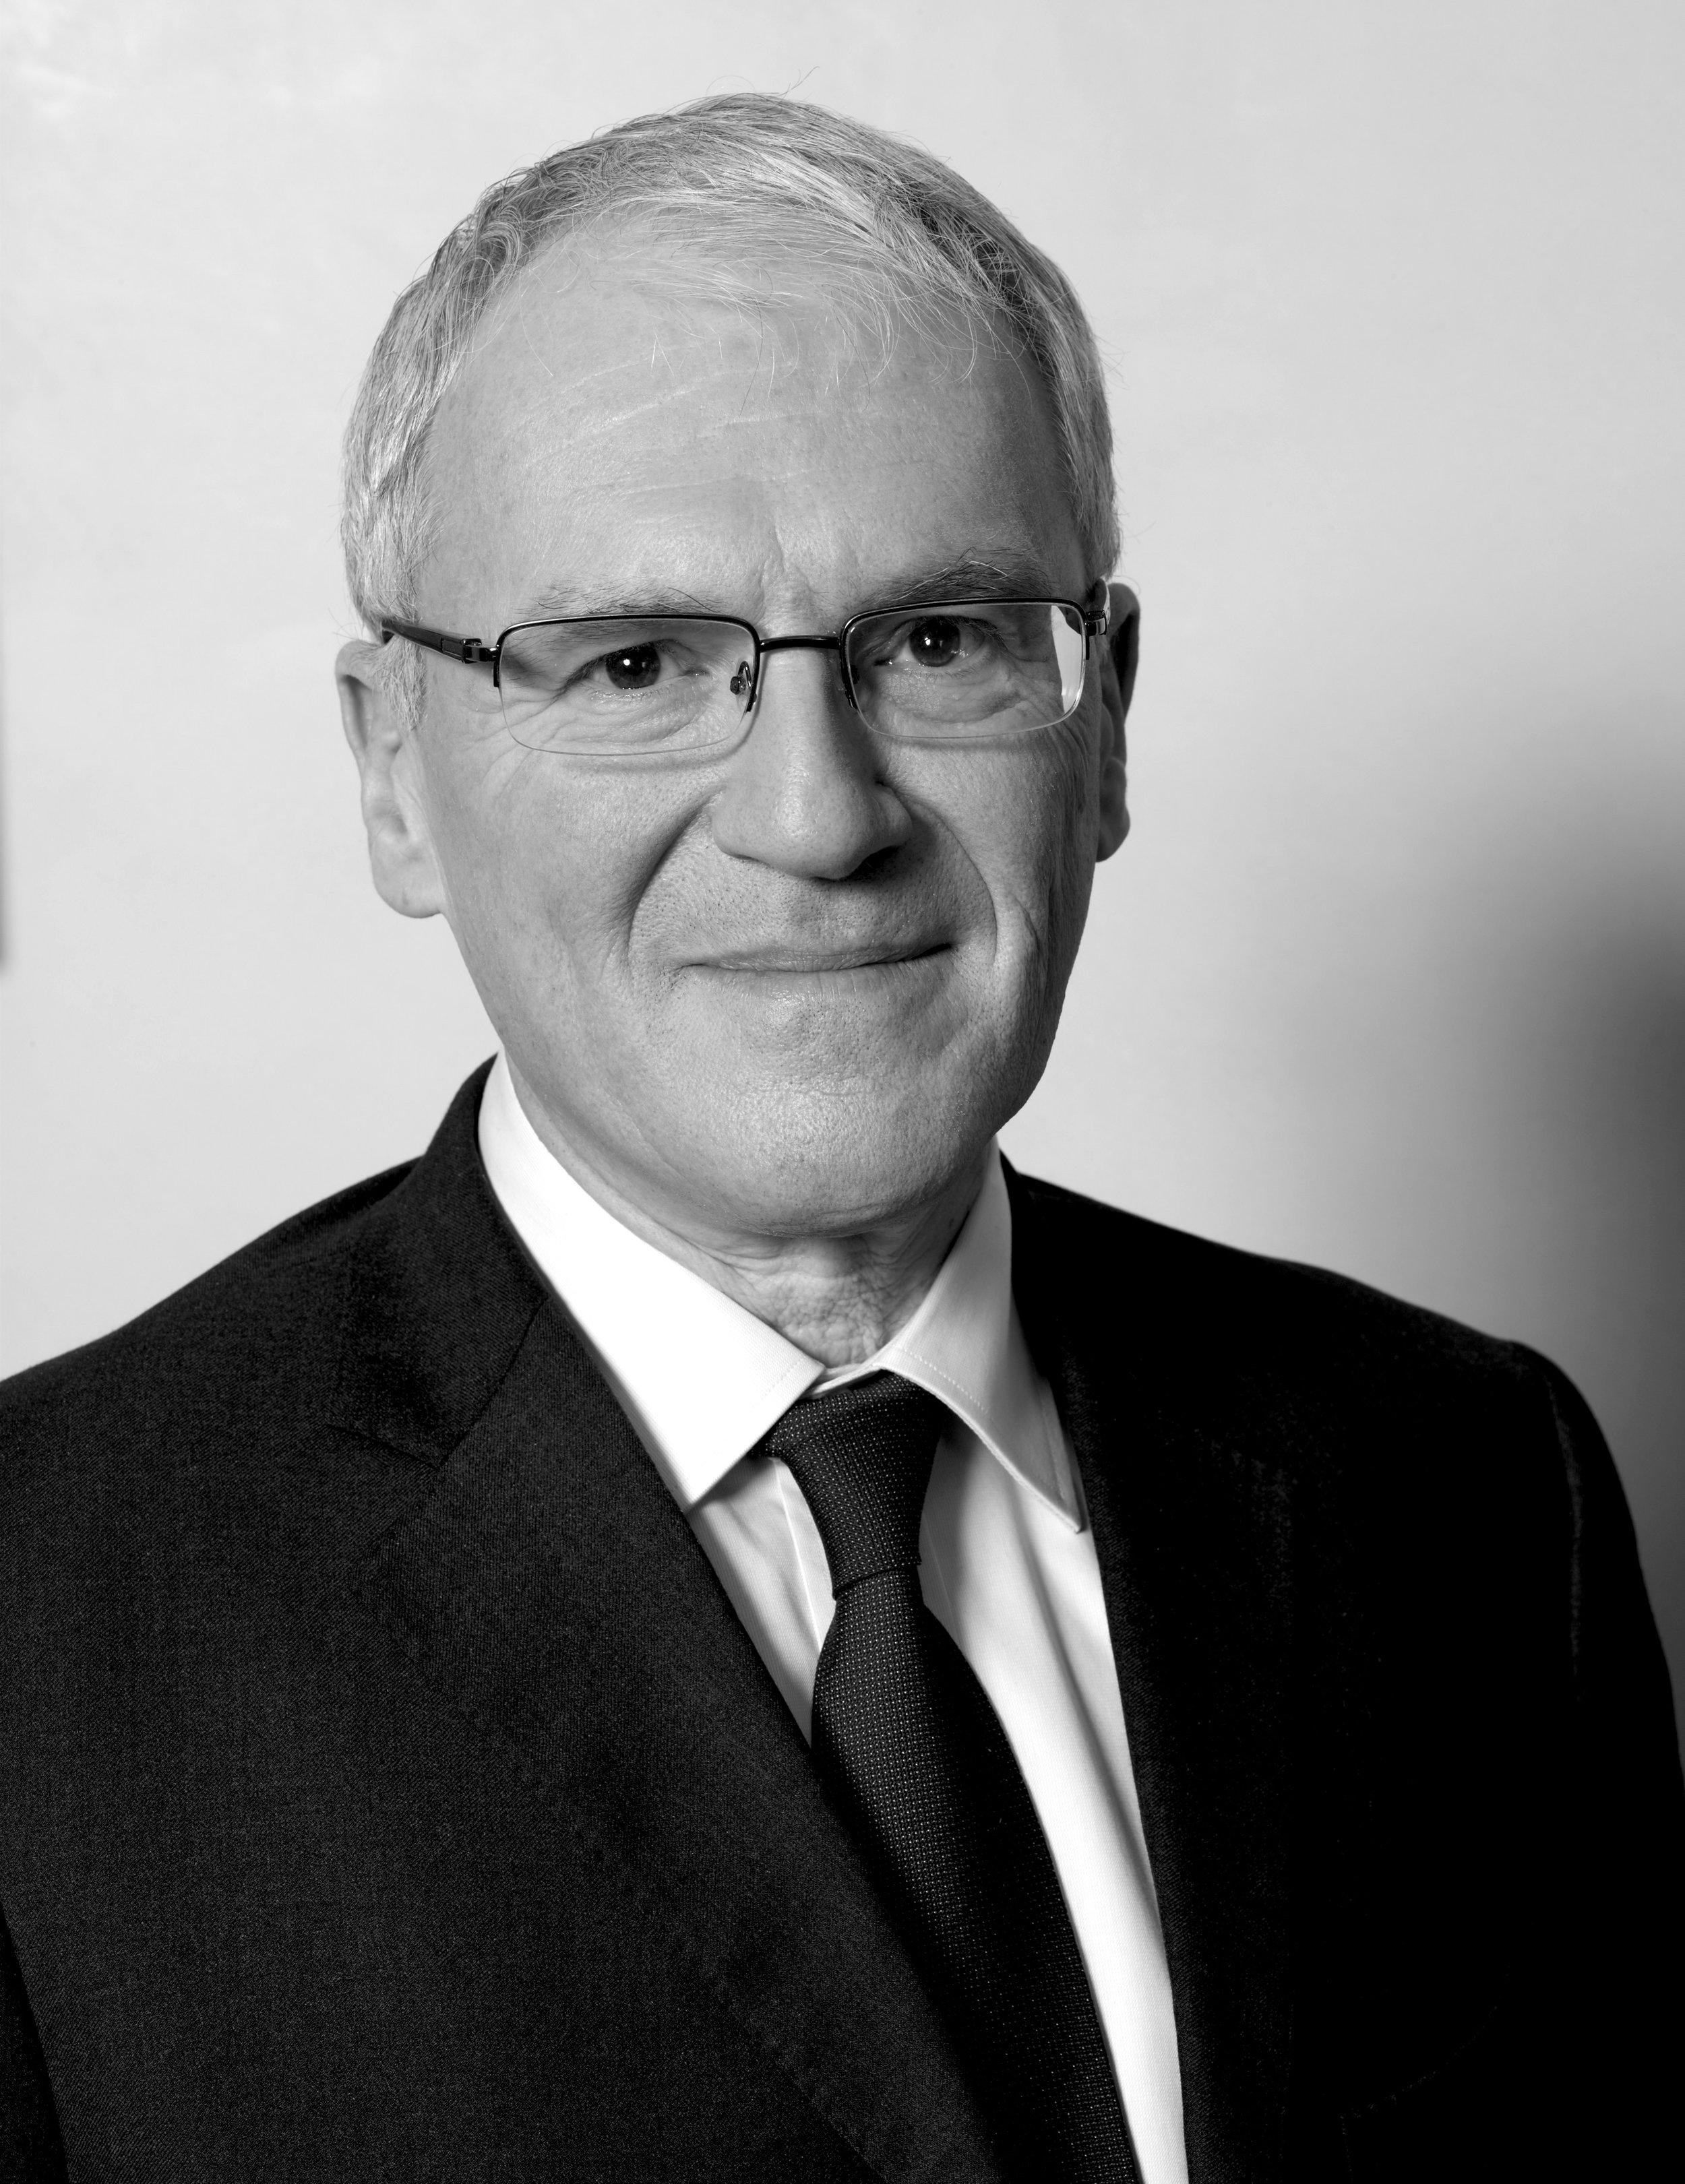 Jean-Bernard Lévy